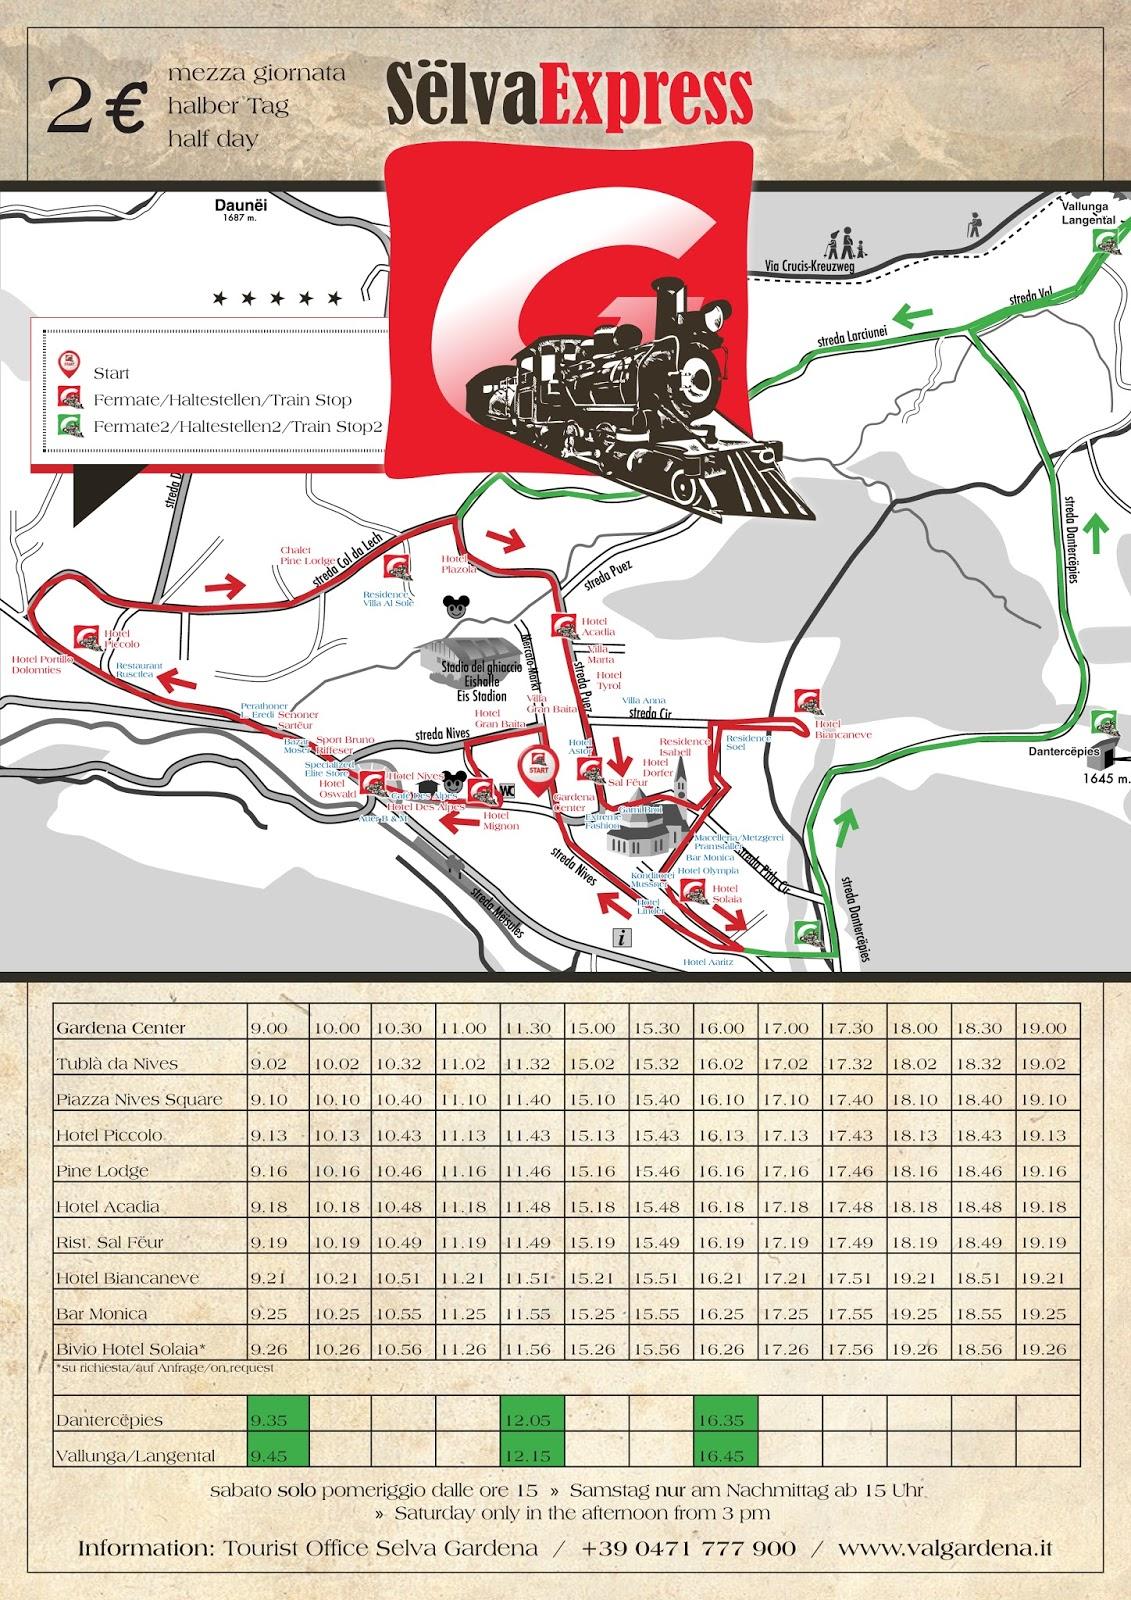 DOLOMITES Val Gardena: Trenino turistico in Val Gardena - Sëlva Express